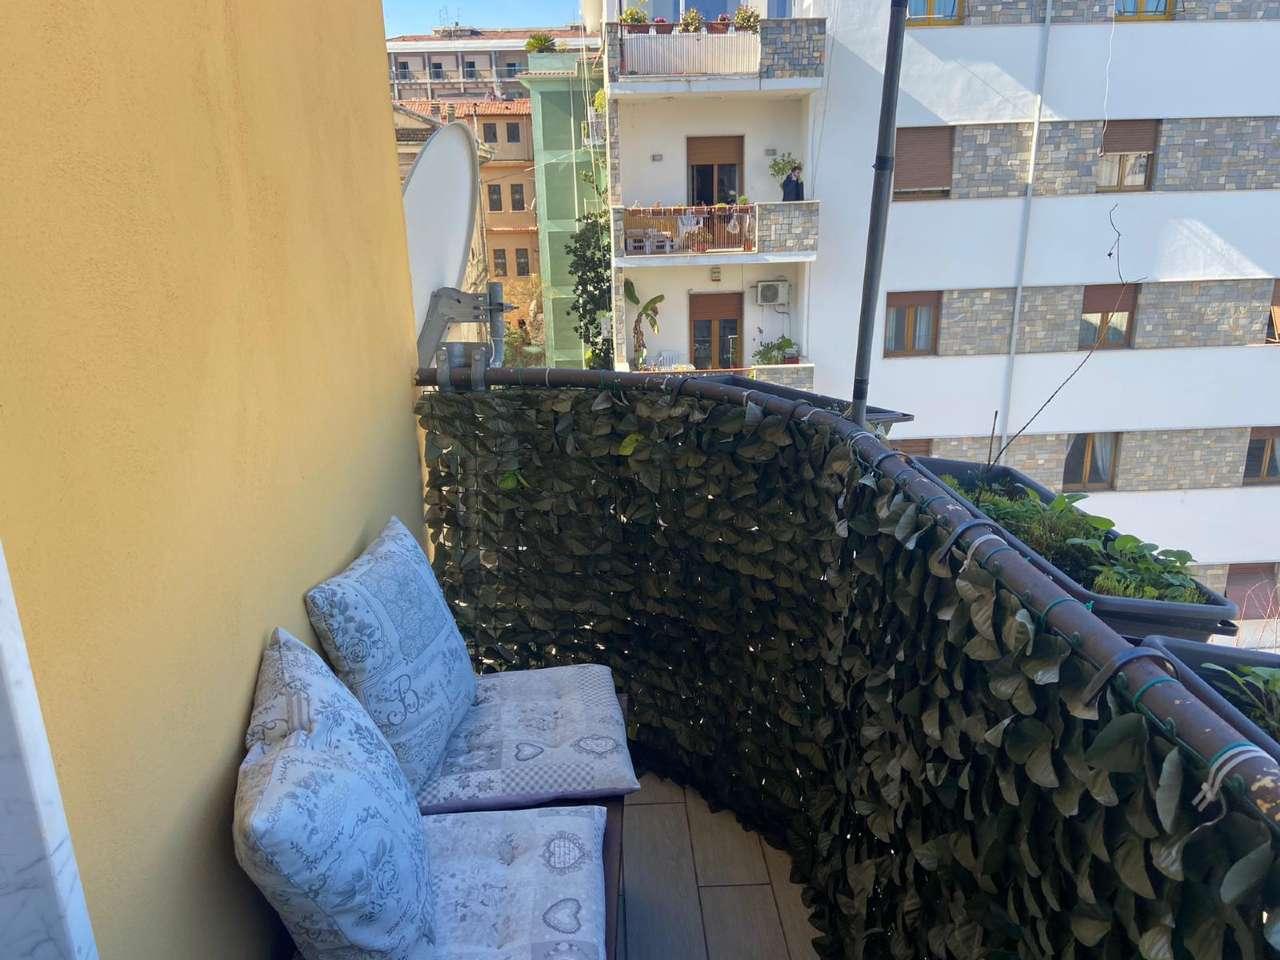 Appartamento, Viale degli Alimena, Centro, Cosenza, foto 16